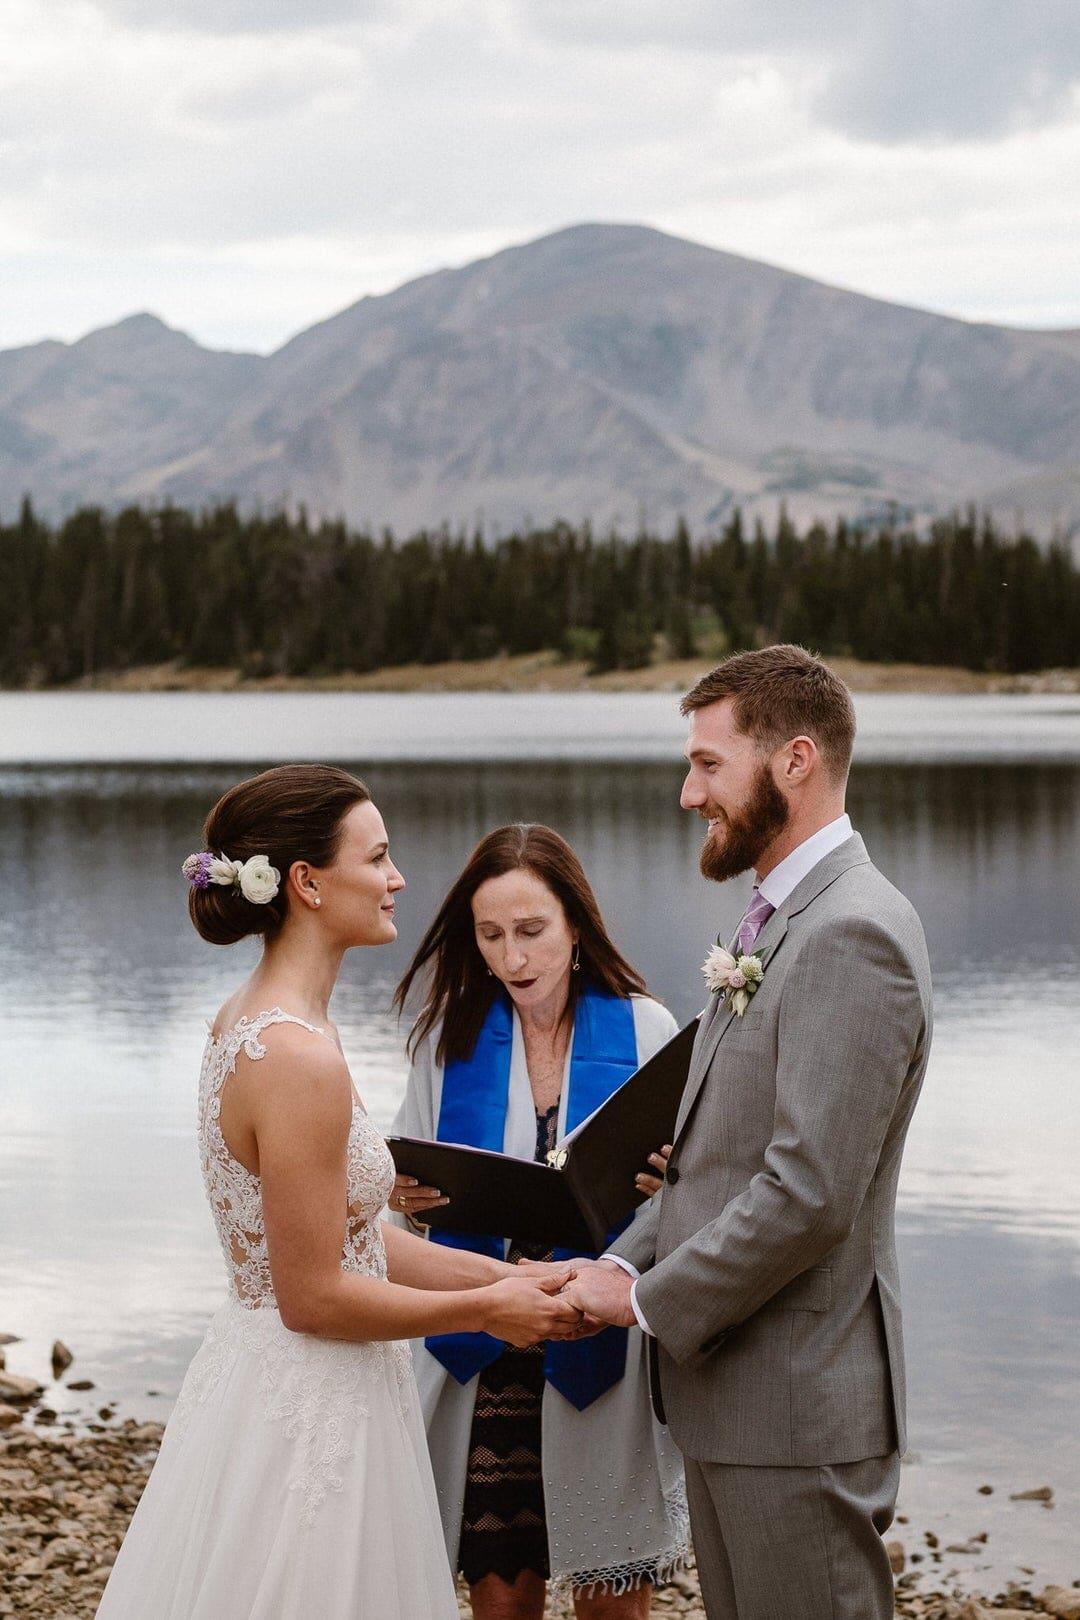 Elopement ceremony in Boulder, Colorado.